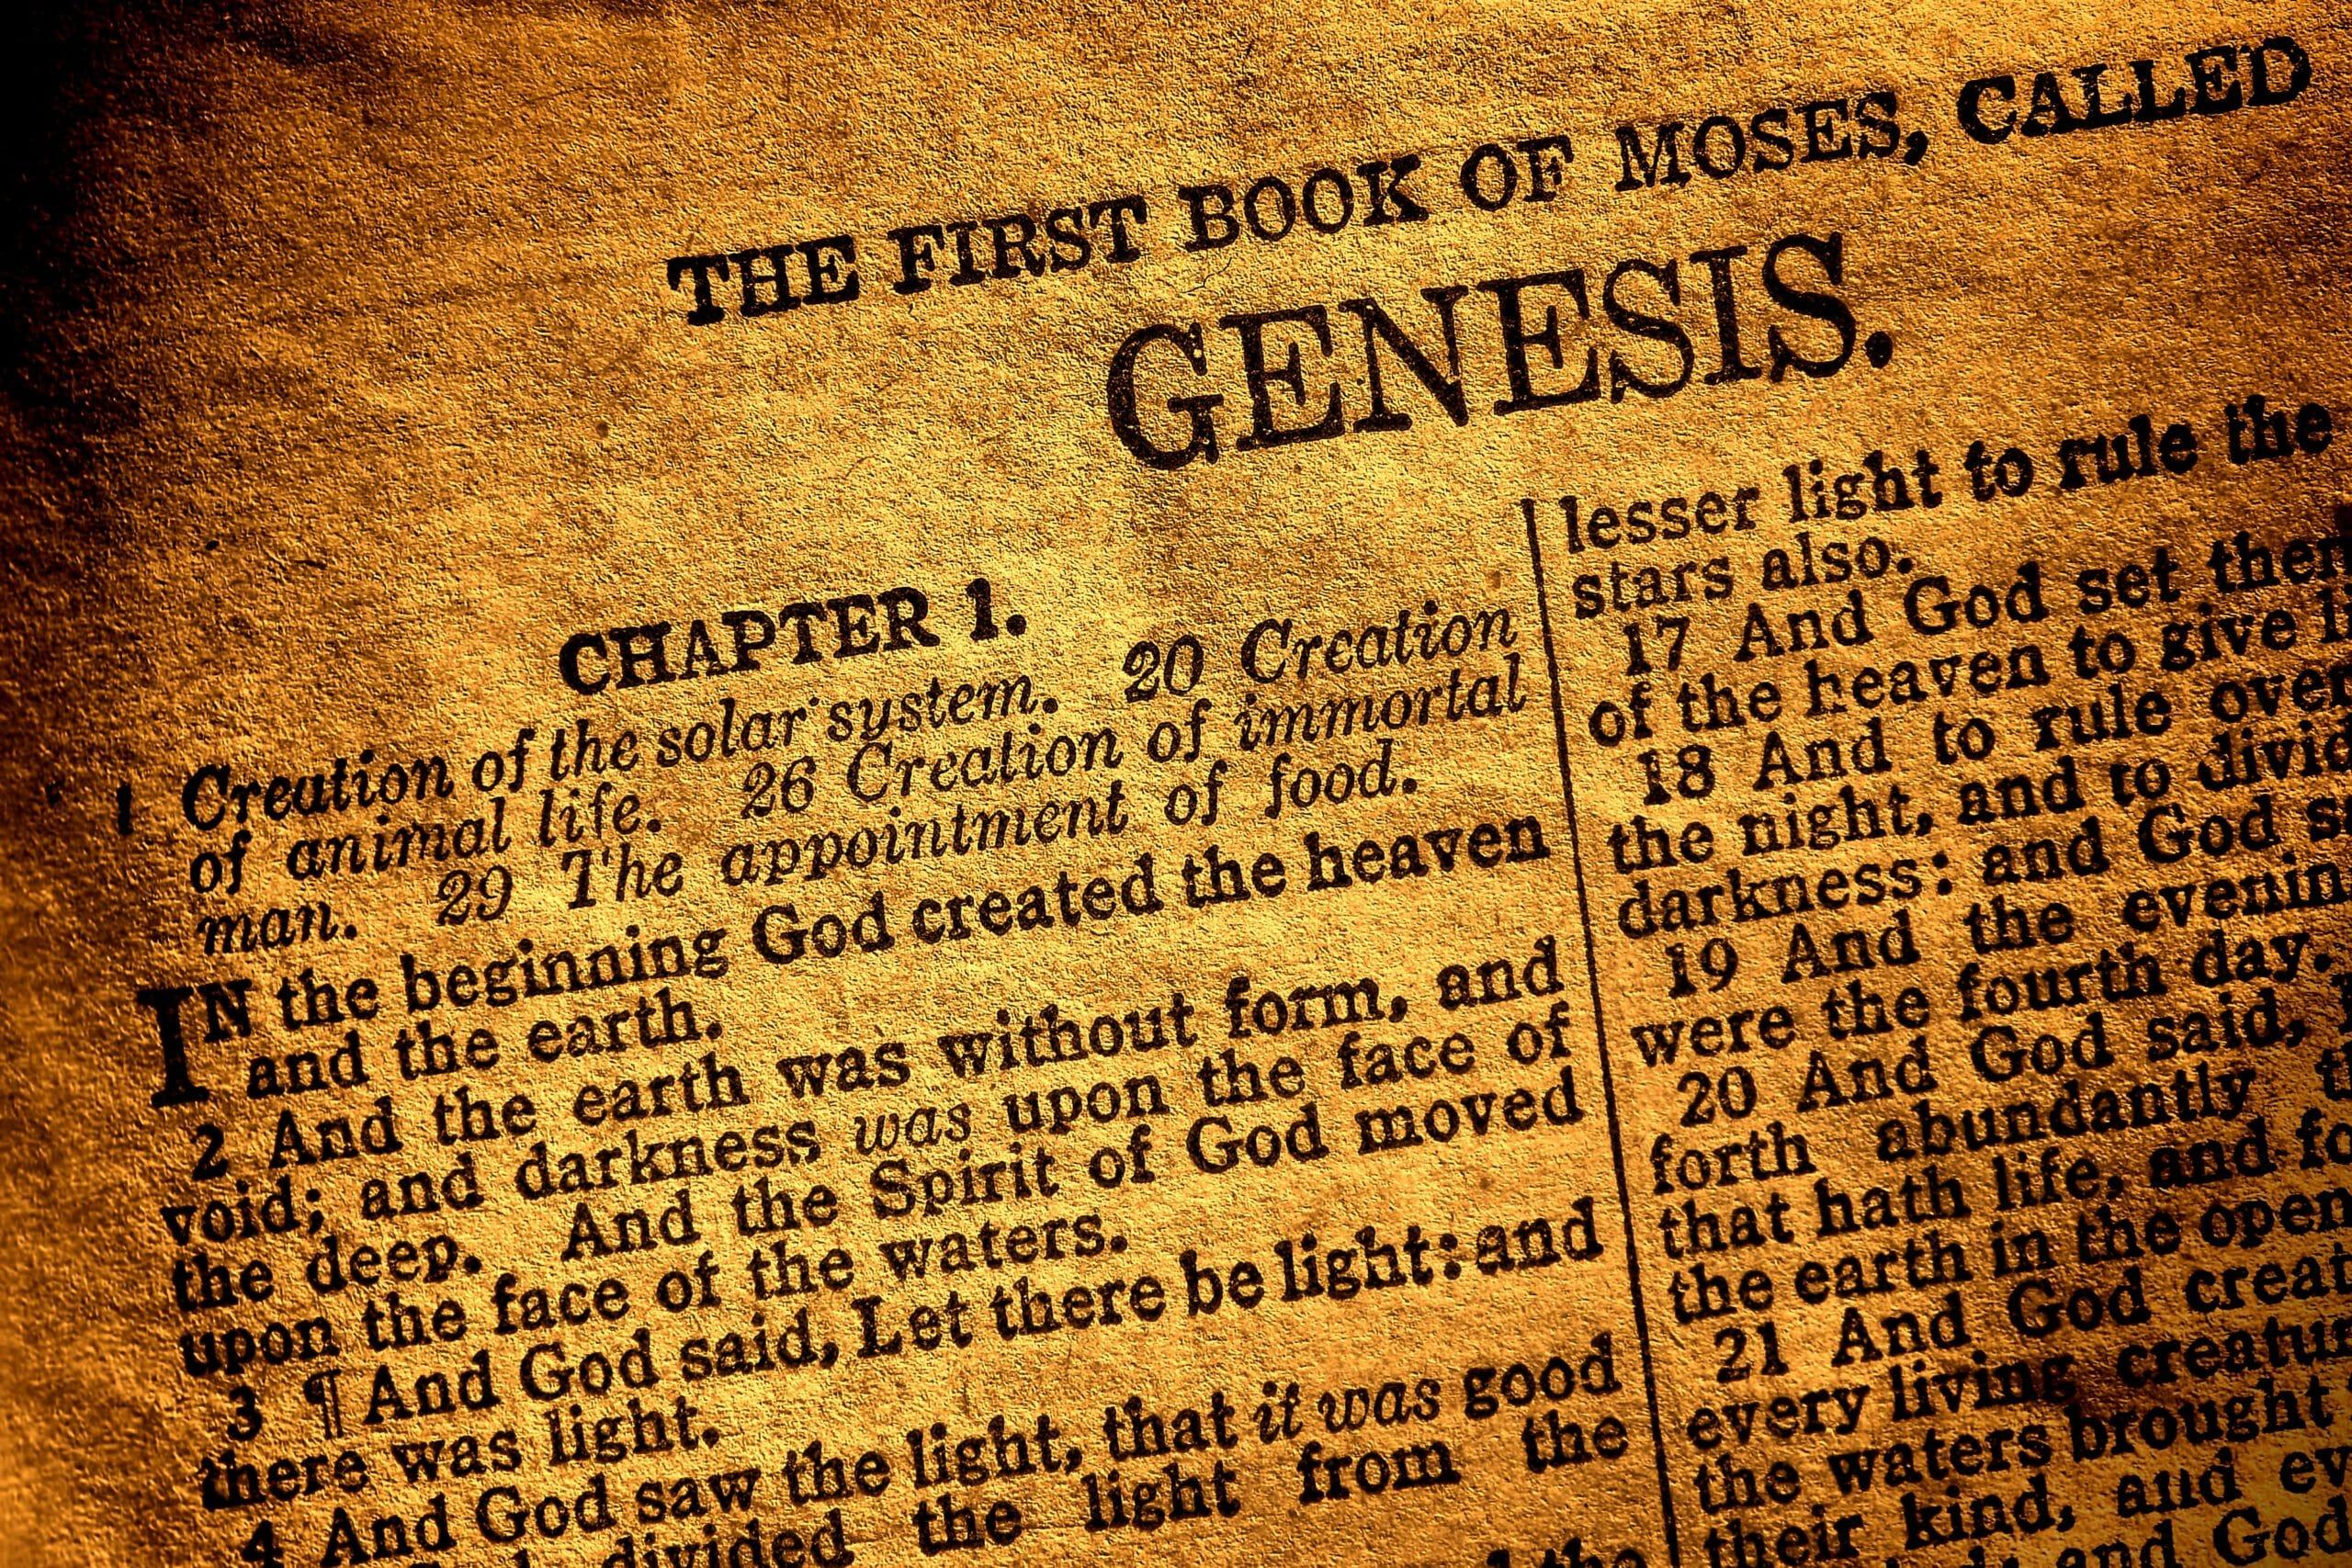 Flere kristendemokratiske kandidater betegner sig selv som kreationister